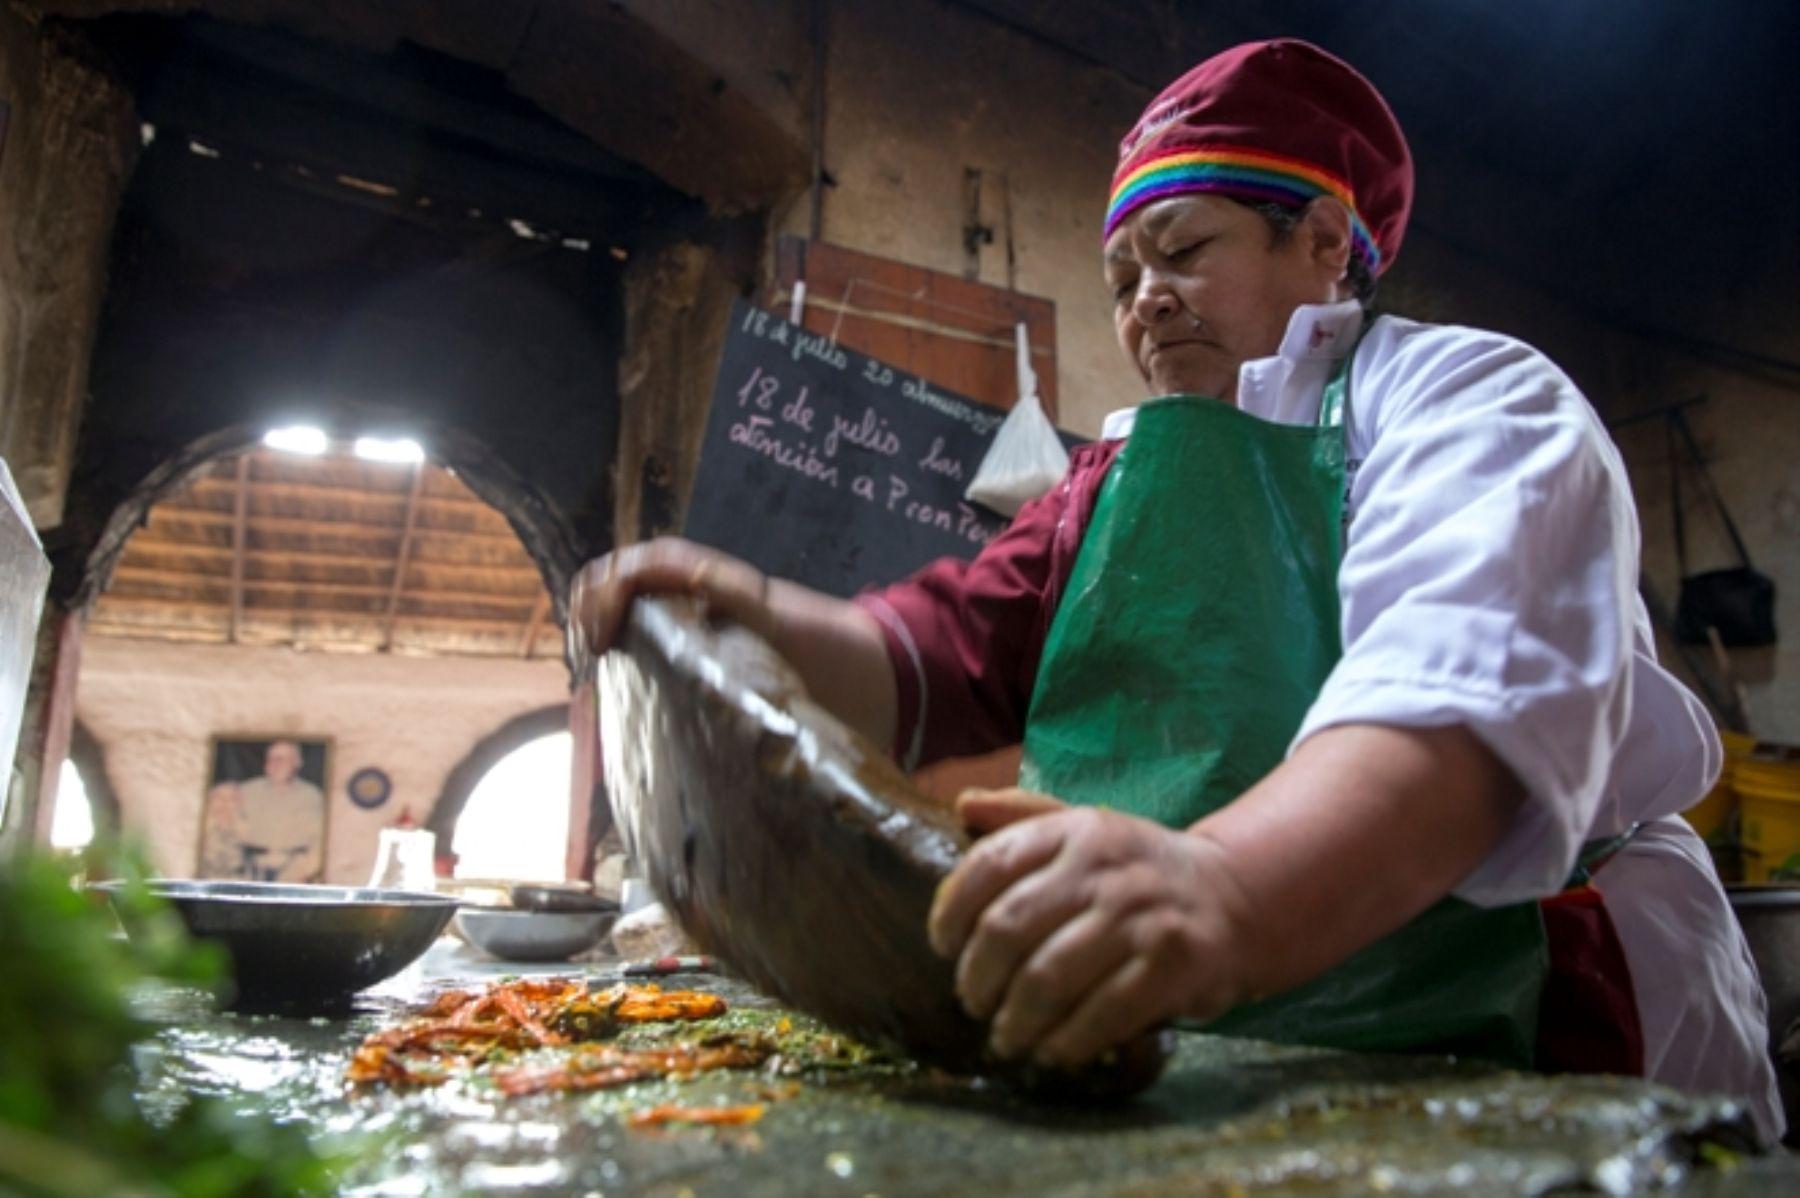 Las picanterías son los templos del sabor y del saber que sustentan la riqueza de la gastronomía regional peruana.  ANDINA/archivo